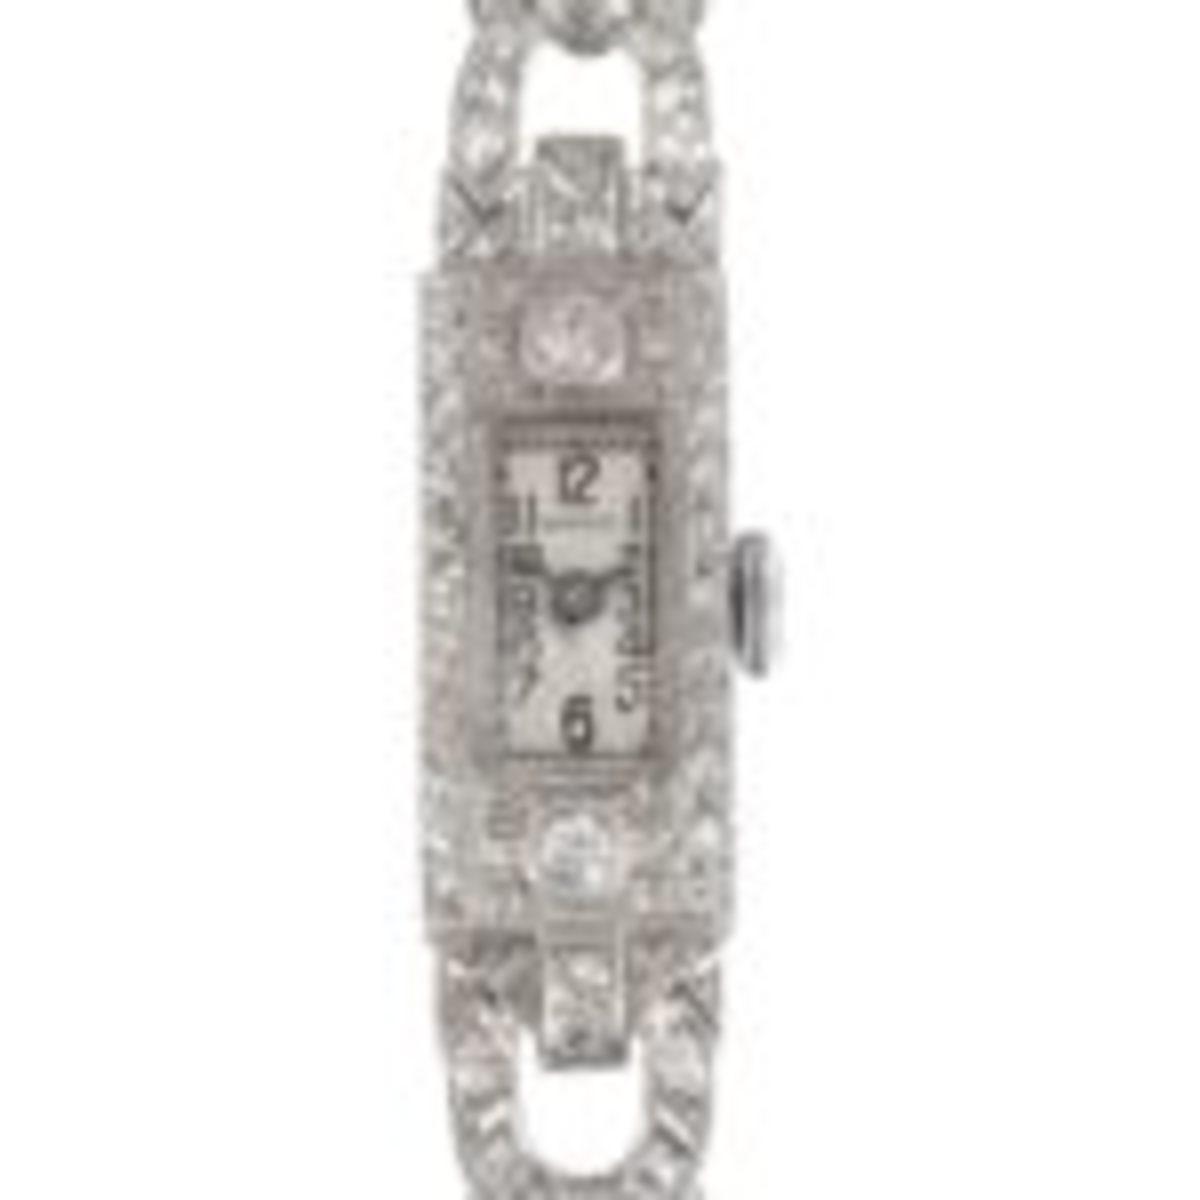 Luxury watch by Shreve & Co.